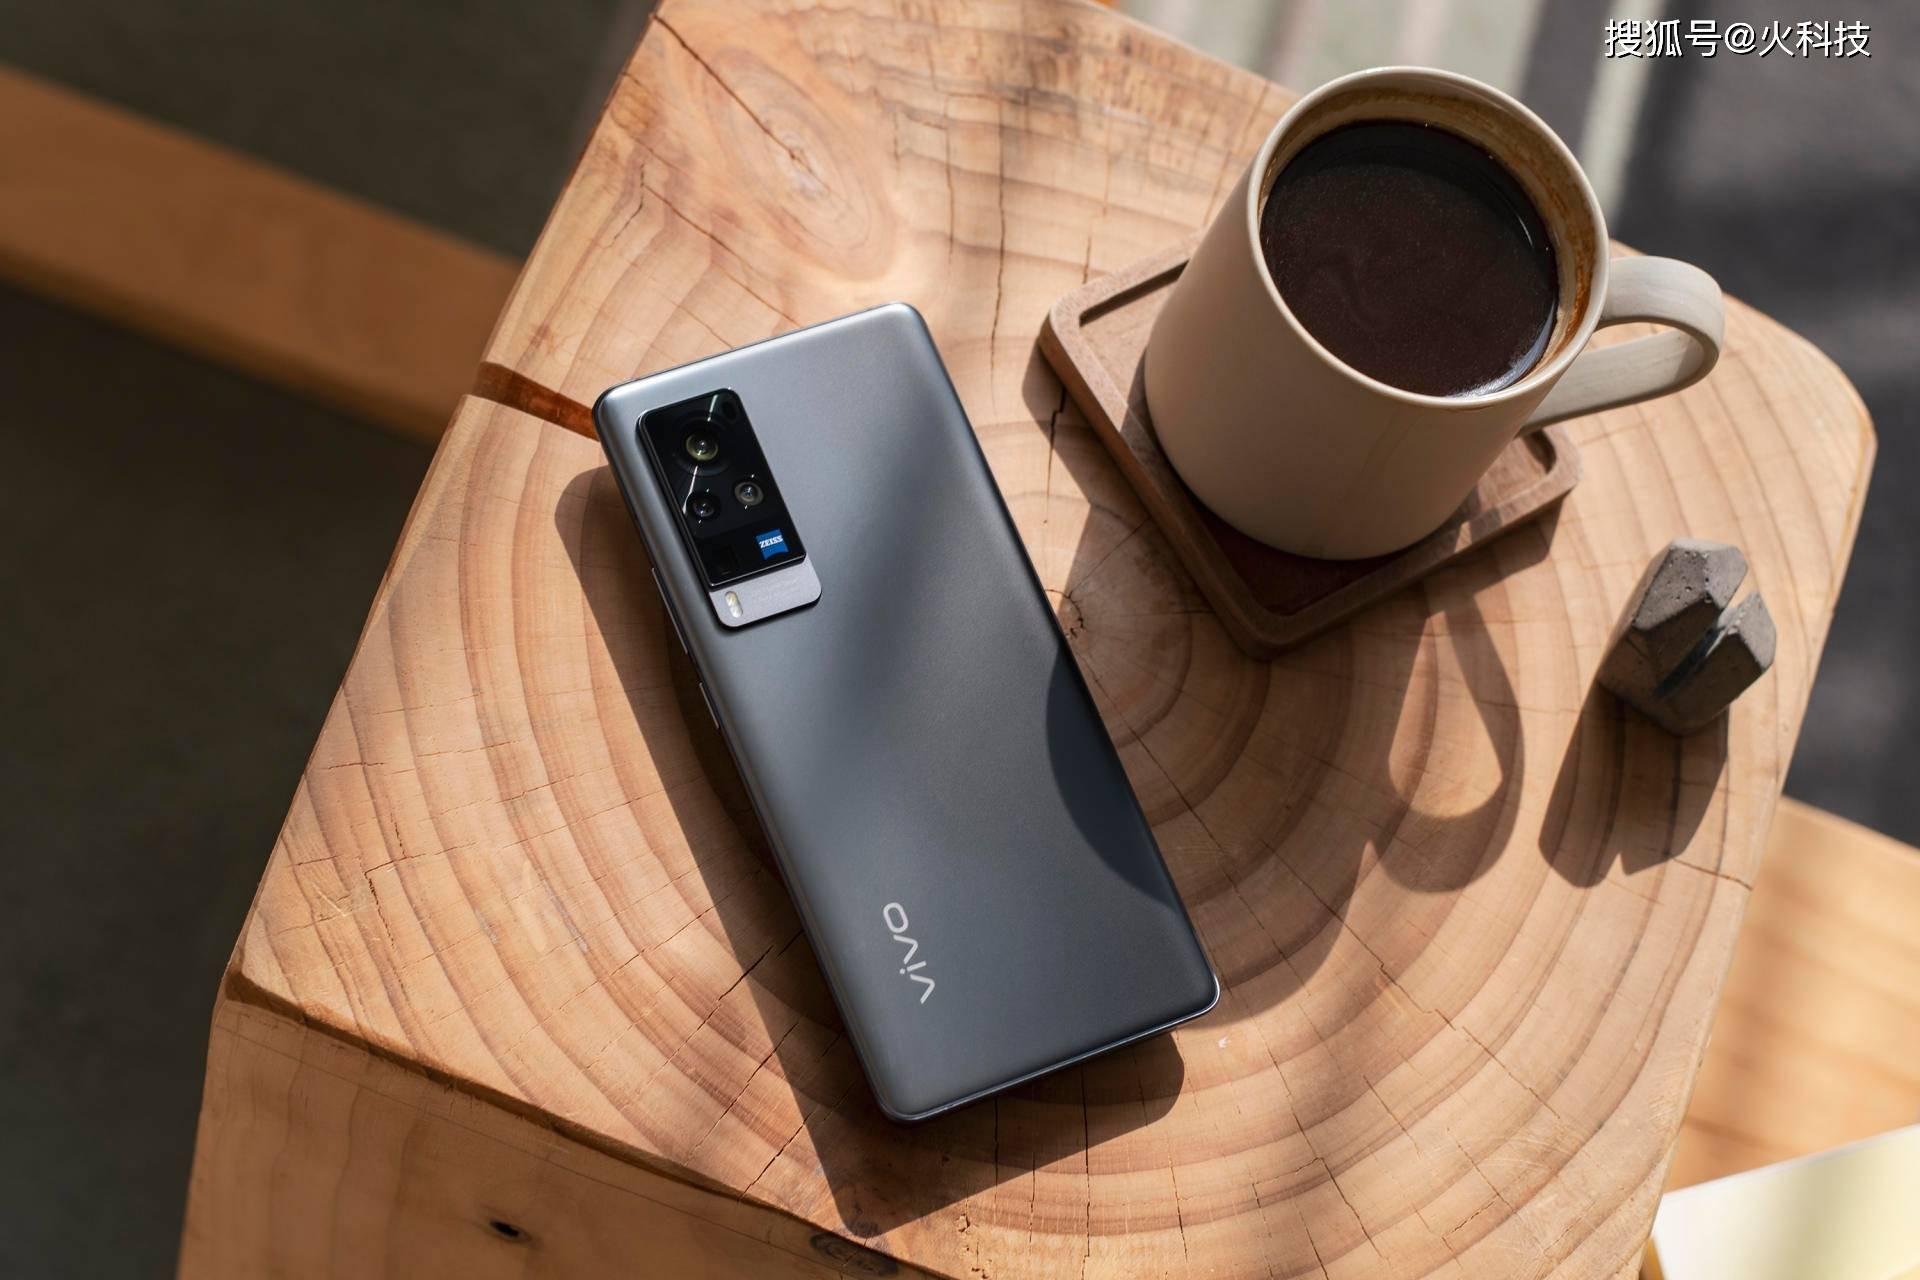 原创             过年要买手机就买国产的,1月份热门4款国产手机哪款是你喜欢的?